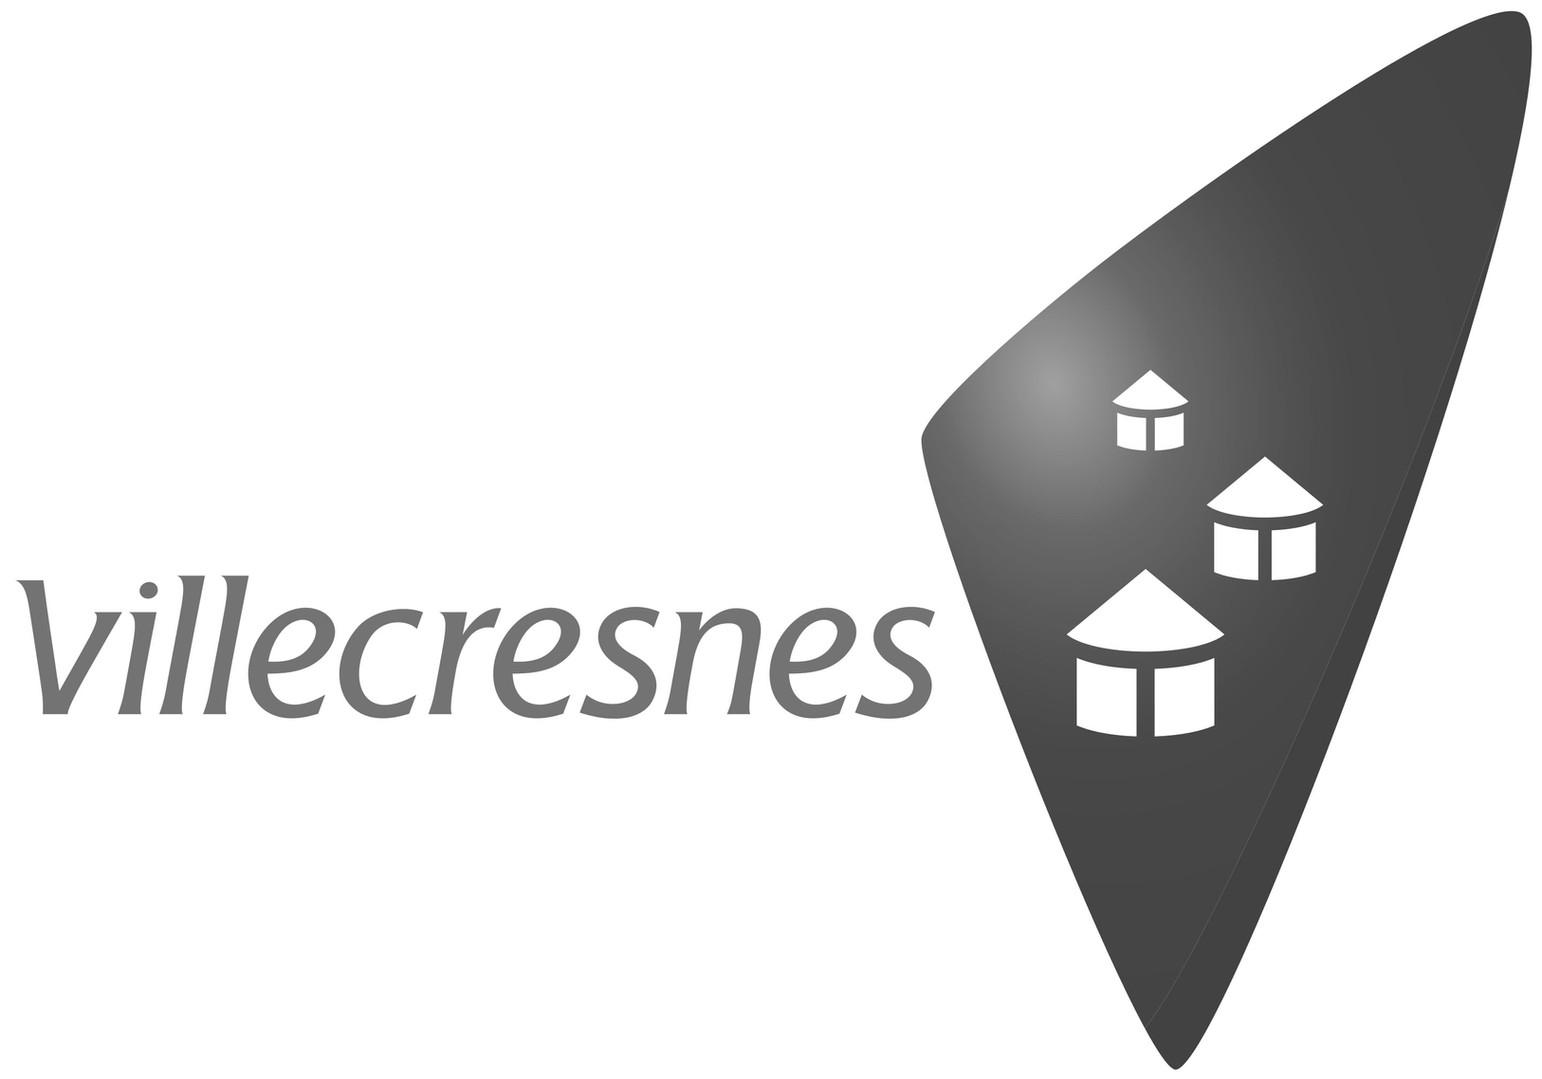 Villecresnes.jpg